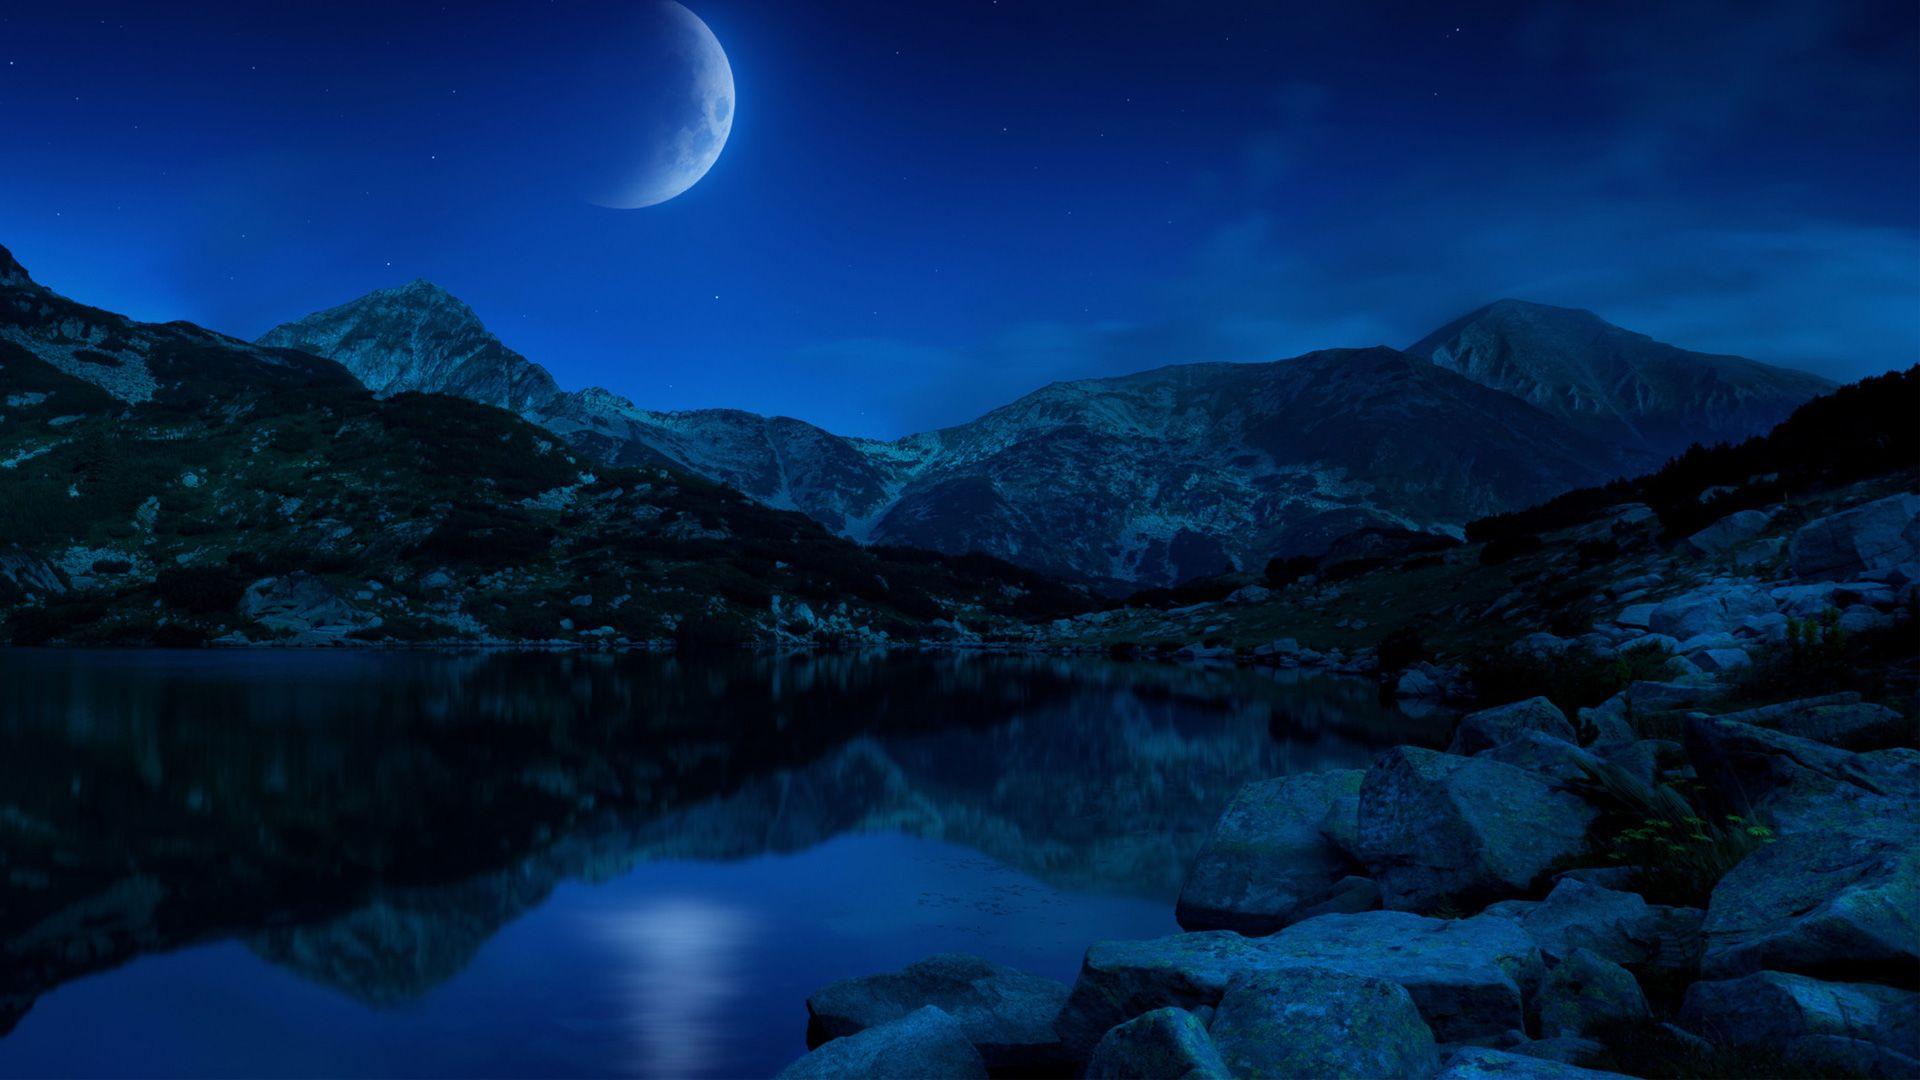 Moon Wallpaper Theme